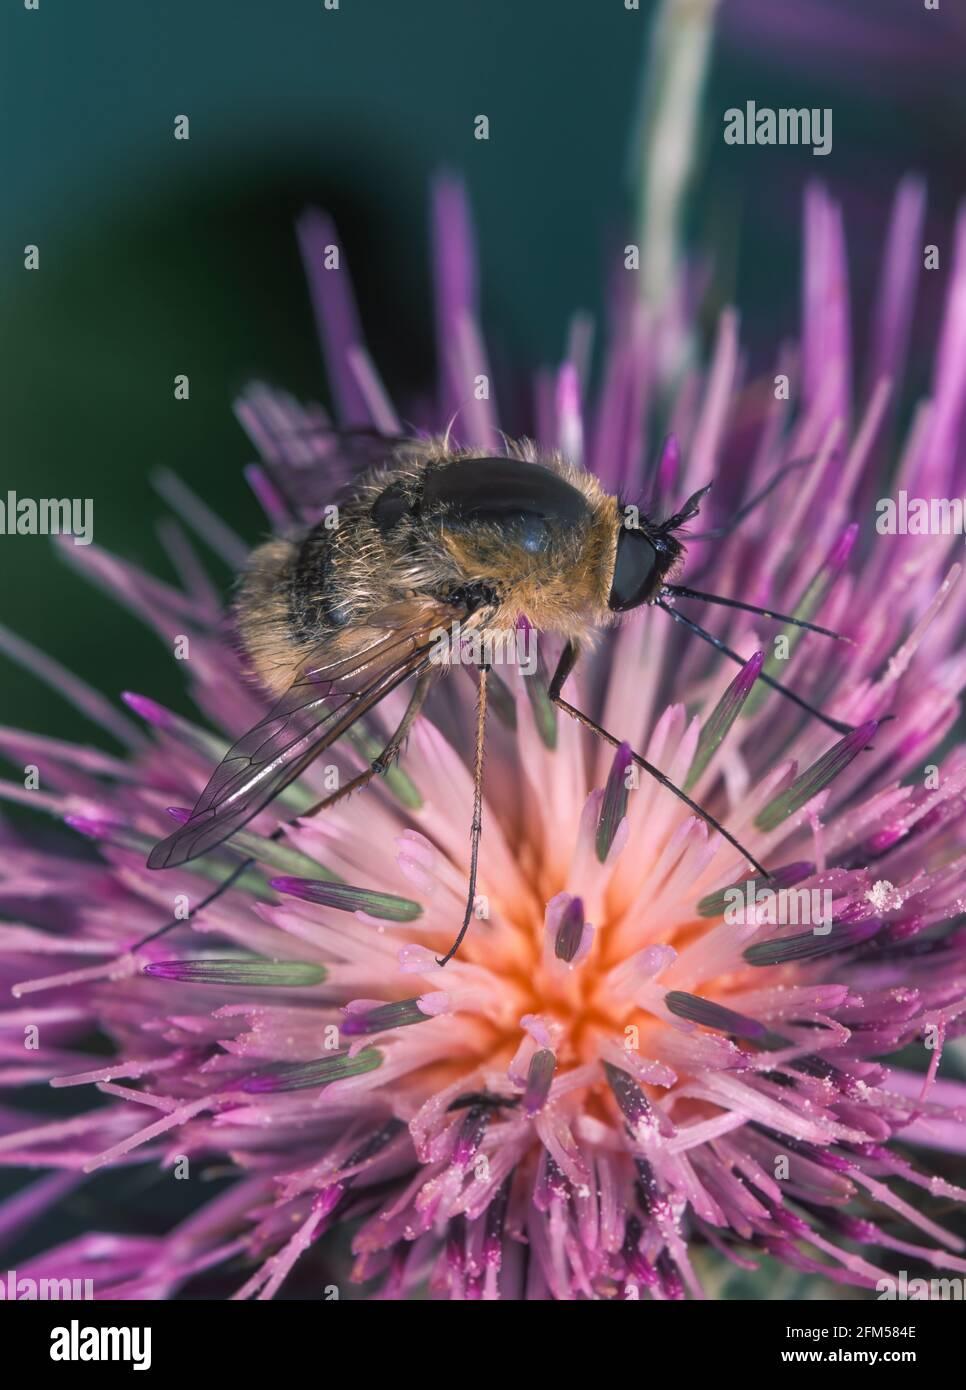 Gran mosca de la abeja, Bombylius Mayor. Es una mosca parasítica de la abeja. La mosca deriva su nombre de su parecido cercano a los abejorros y son a menudo Foto de stock